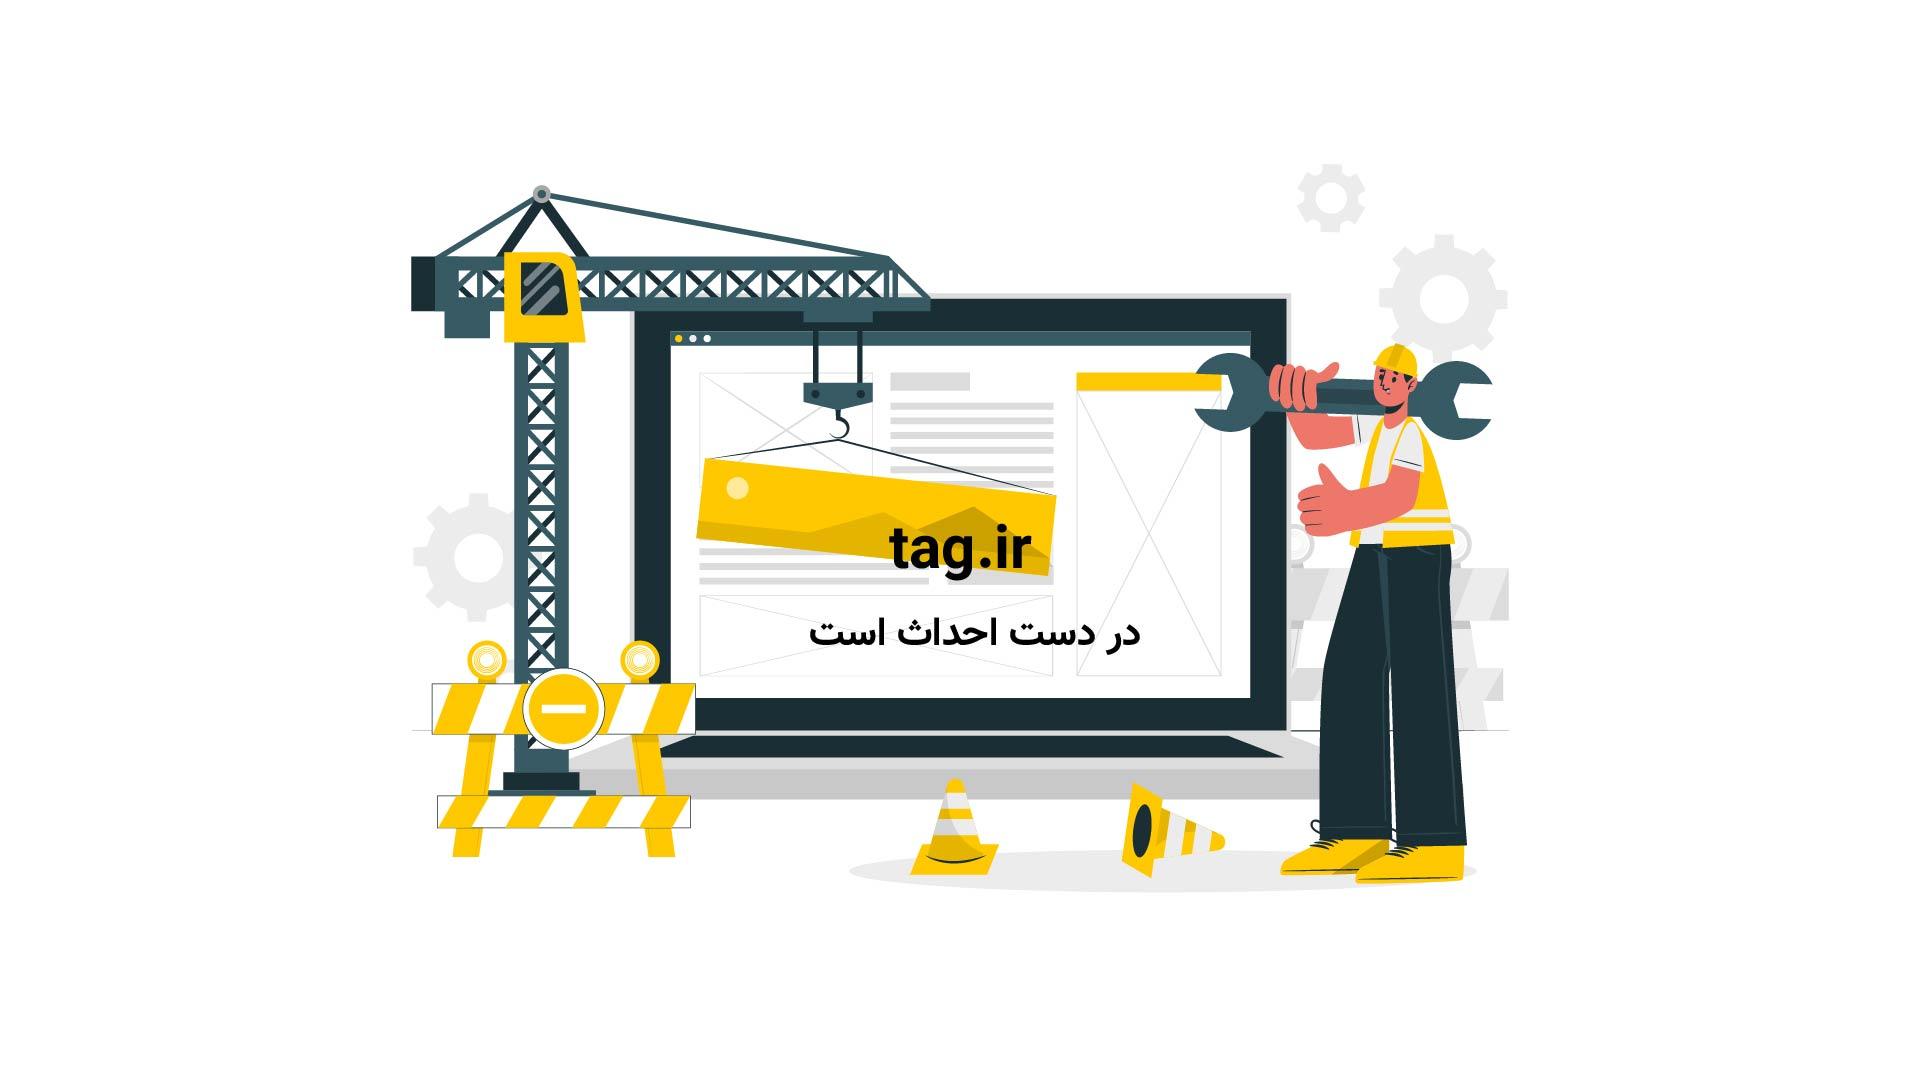 مراسم ادای سوگند پیروز حناچی؛ سومین شهردار دو سال اخیر تهران   فیلم